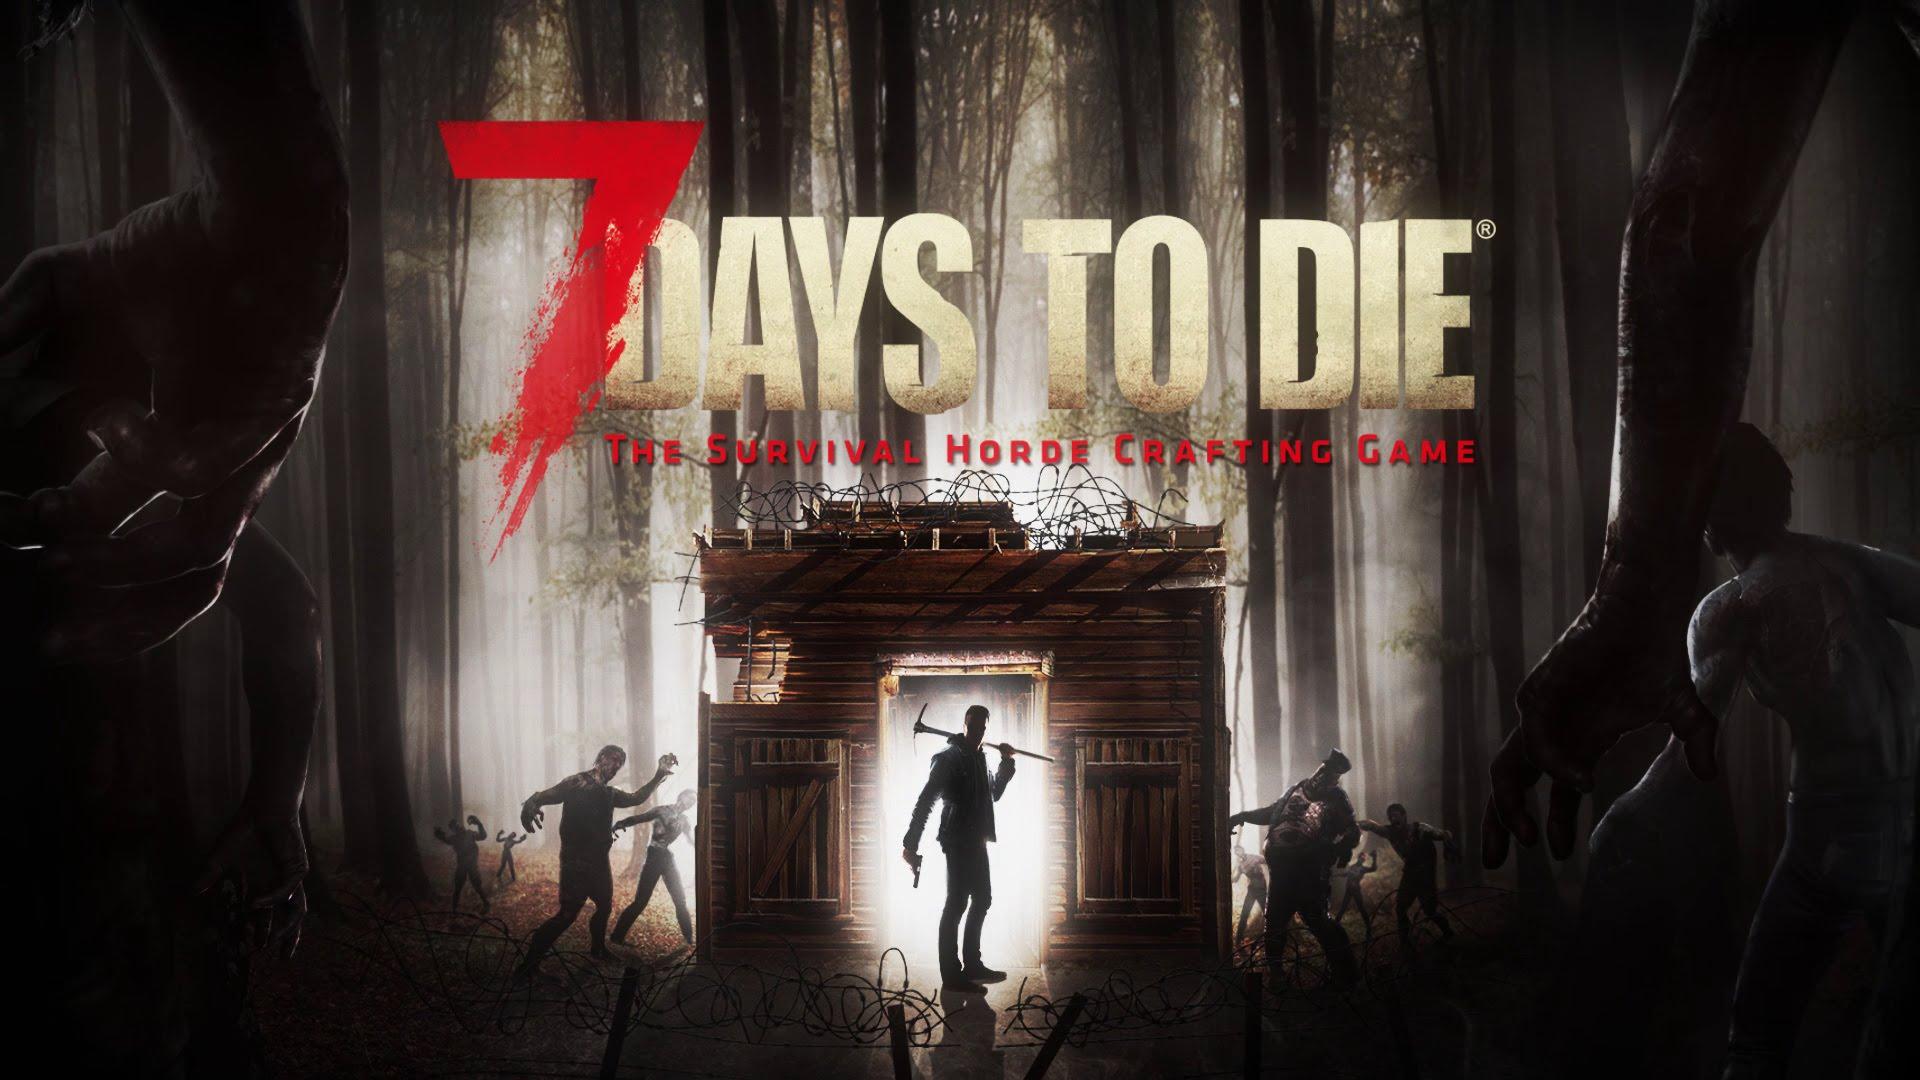 7 Days to Die (Steam Gift RU/VPN)